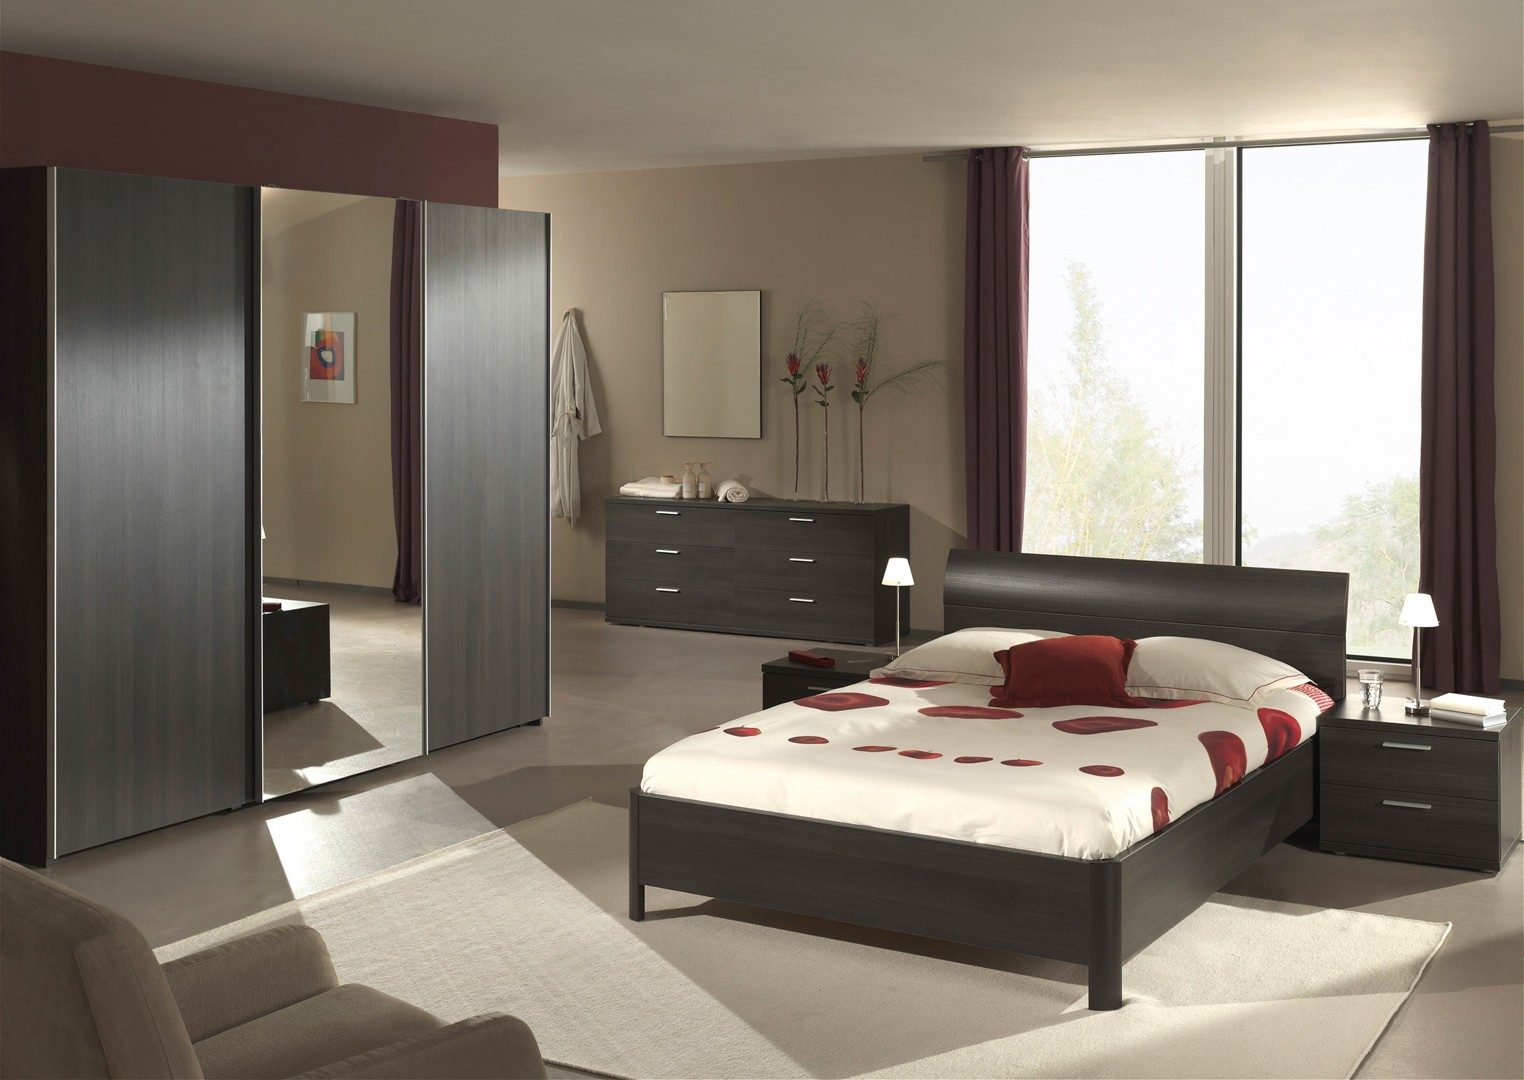 Chambre A Coucher Adulte décoration chambre à coucher adulte 2014 - chambre : idées